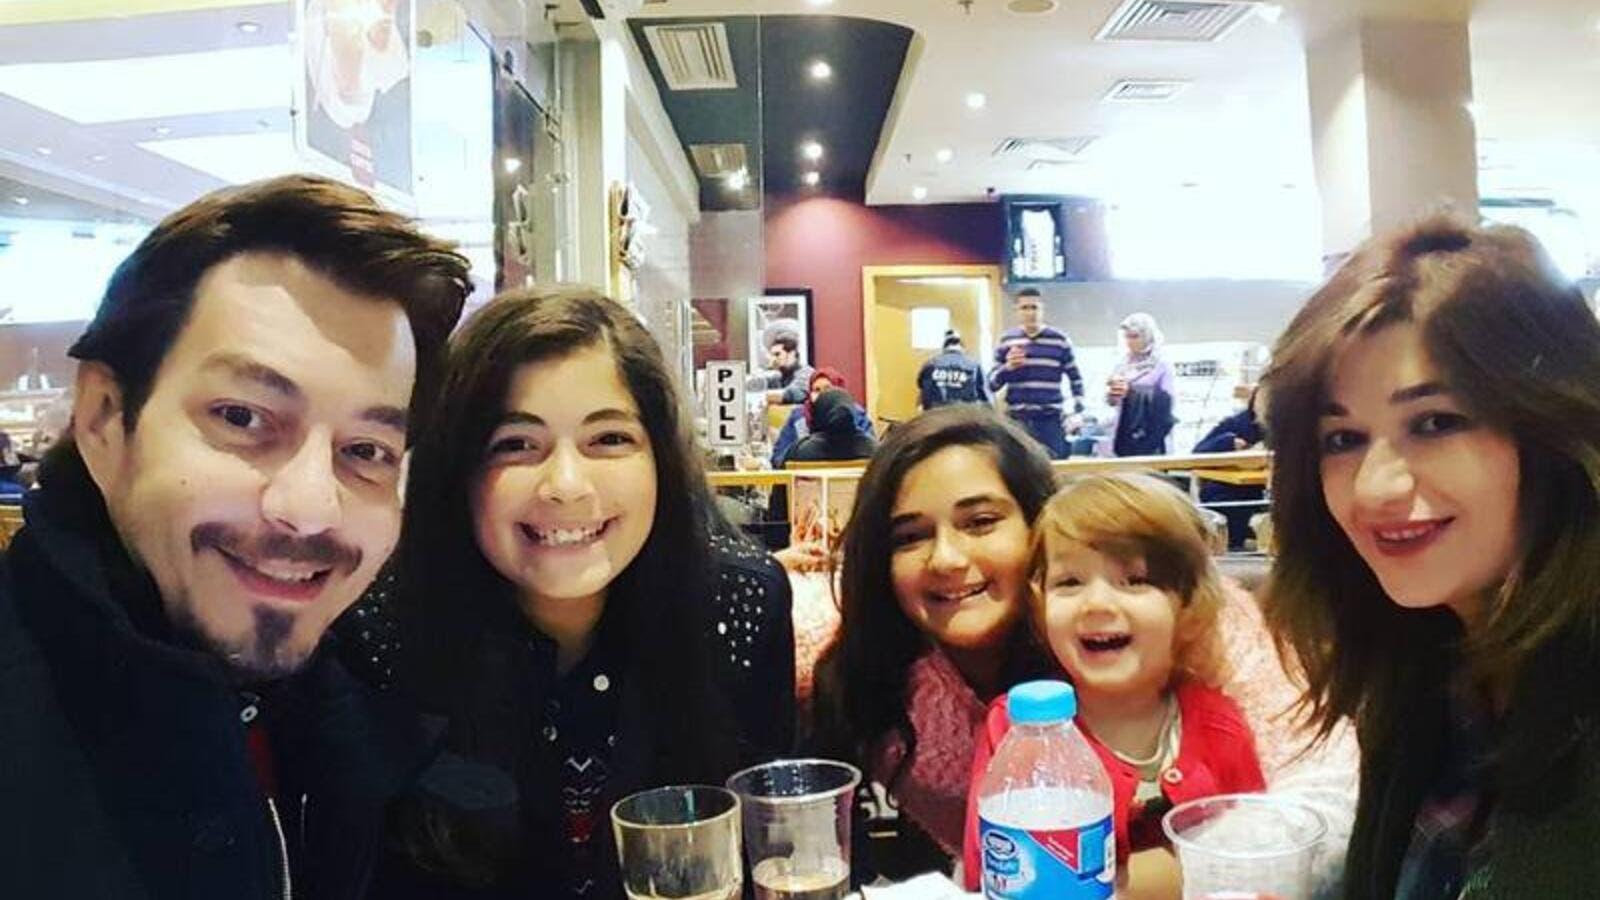 أحمد زاهر يكشف سبب غياب ابنتيه عن الساحة الفنية البوابة